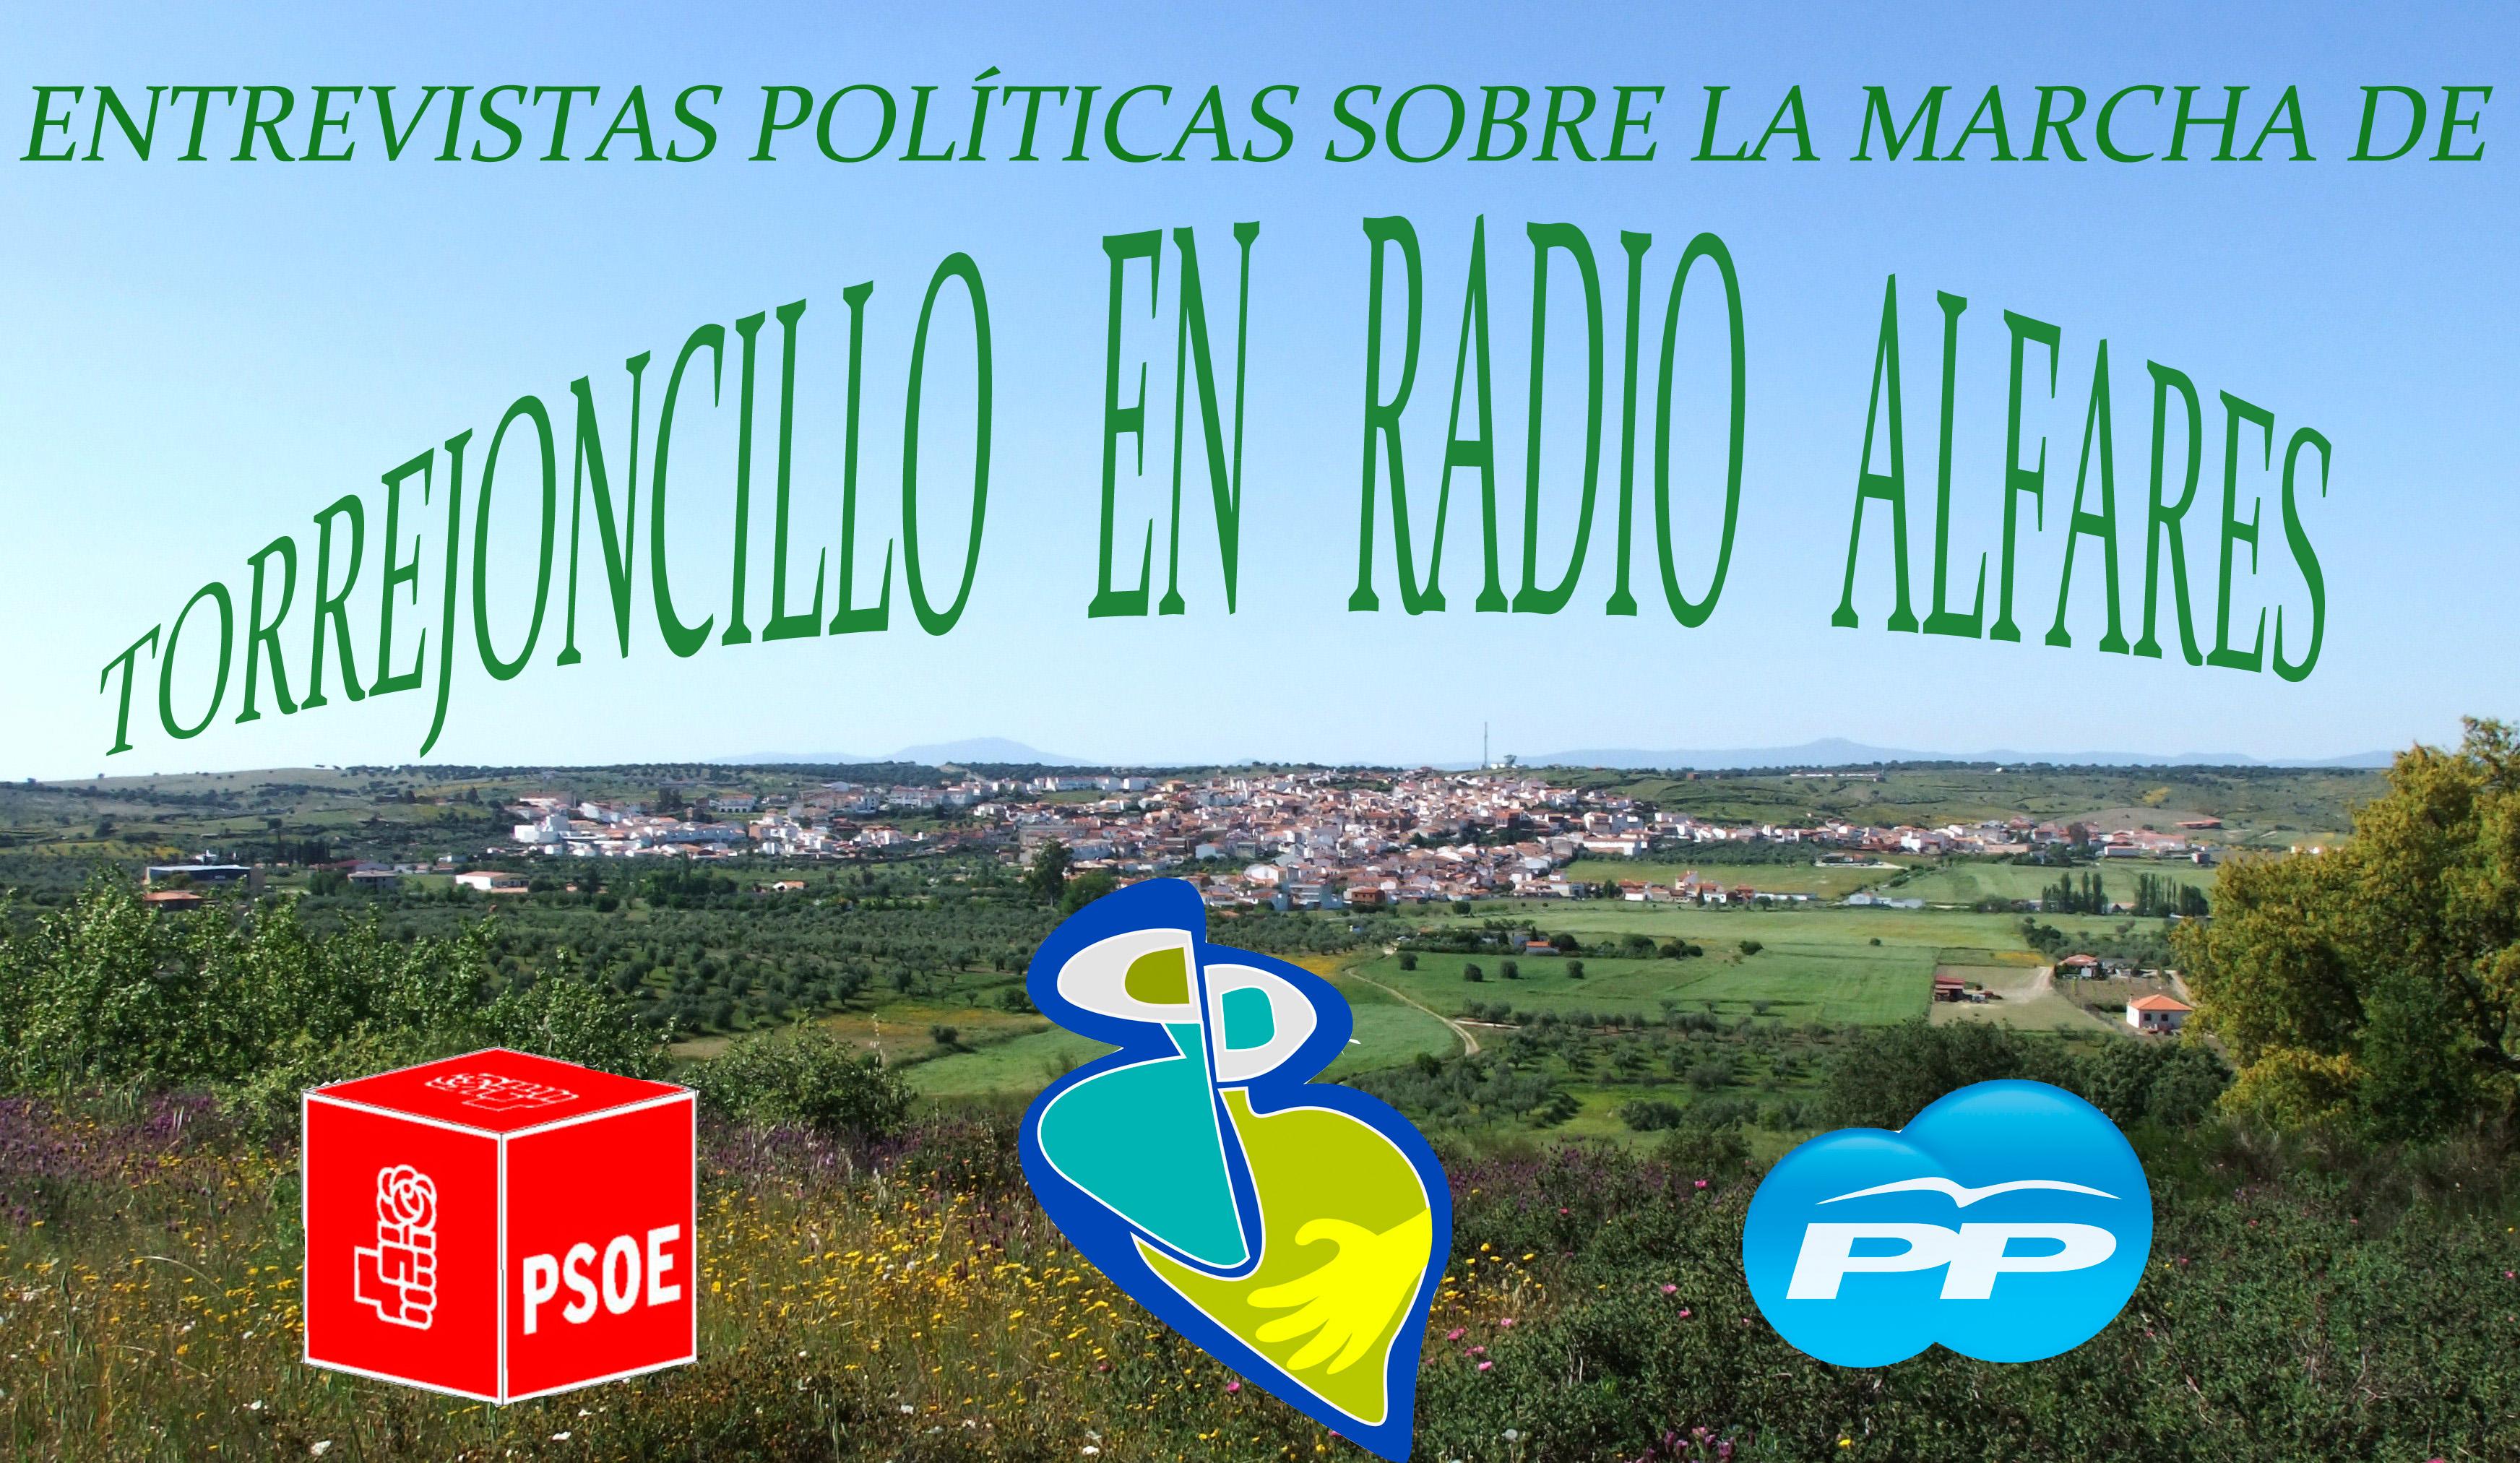 Entrevistas políticas semestrales sobre la marcha de Torrejoncillo en Radio Alfares